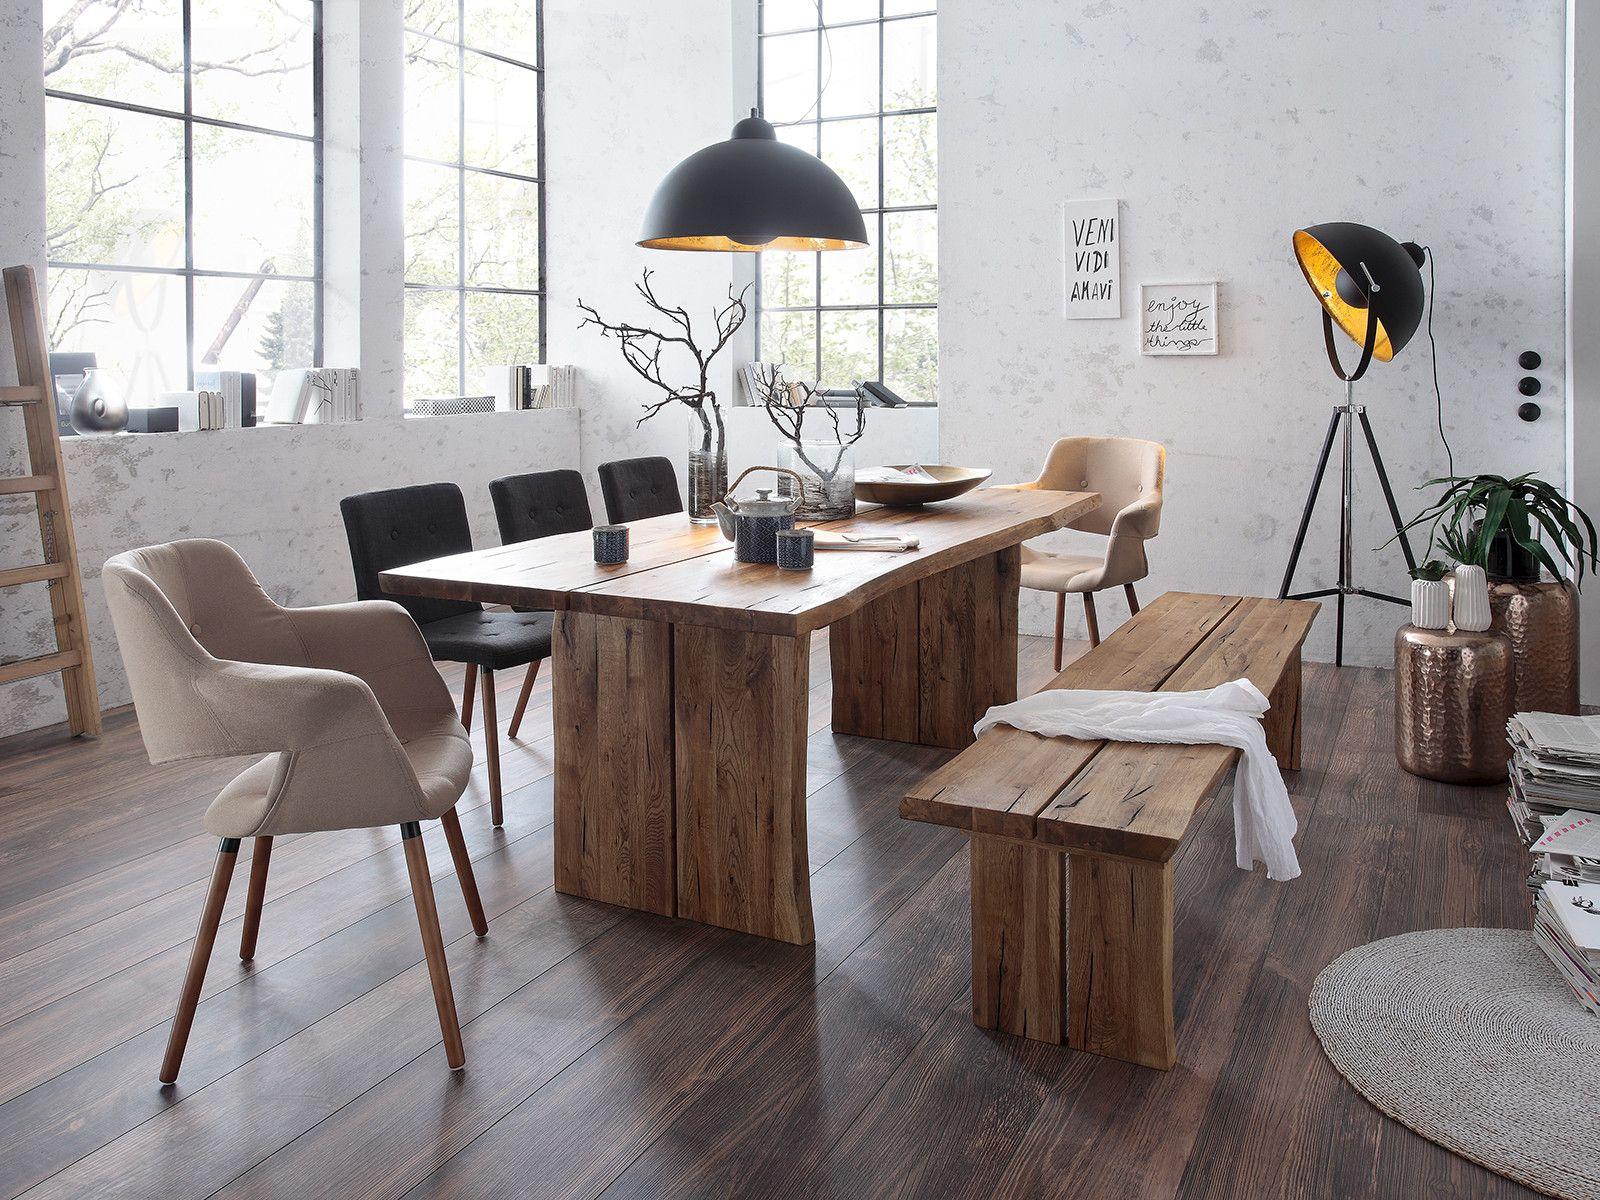 esstisch oakton 160x90 eiche geoelt wohn ideen pinterest eiche esstische und industrielampen. Black Bedroom Furniture Sets. Home Design Ideas